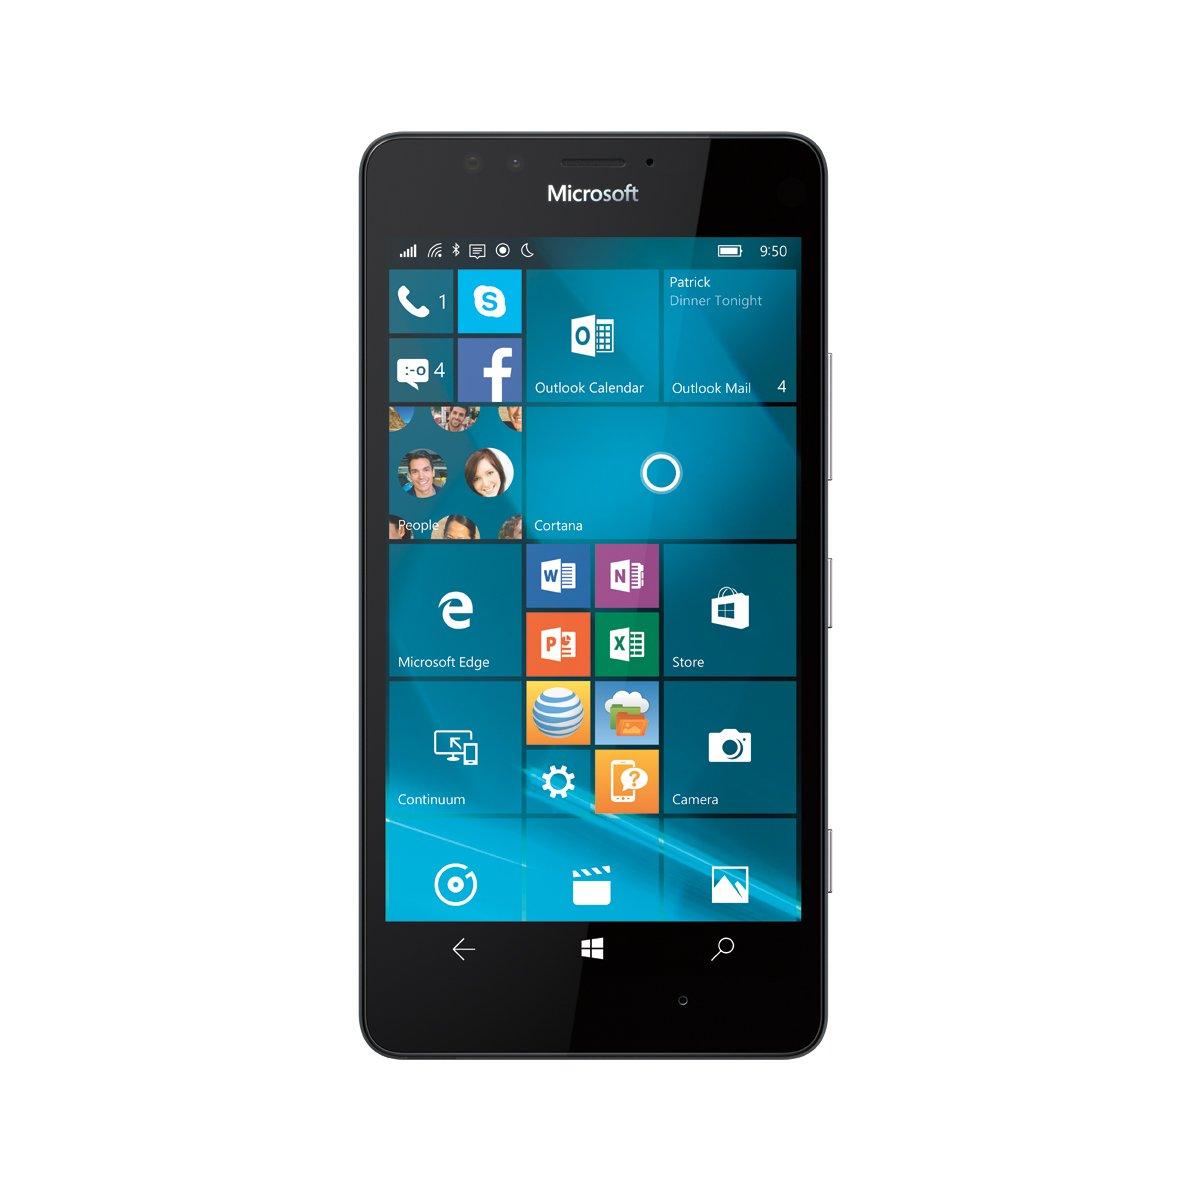 Microsoft Lumia 950, Black 32GB (AT&T)